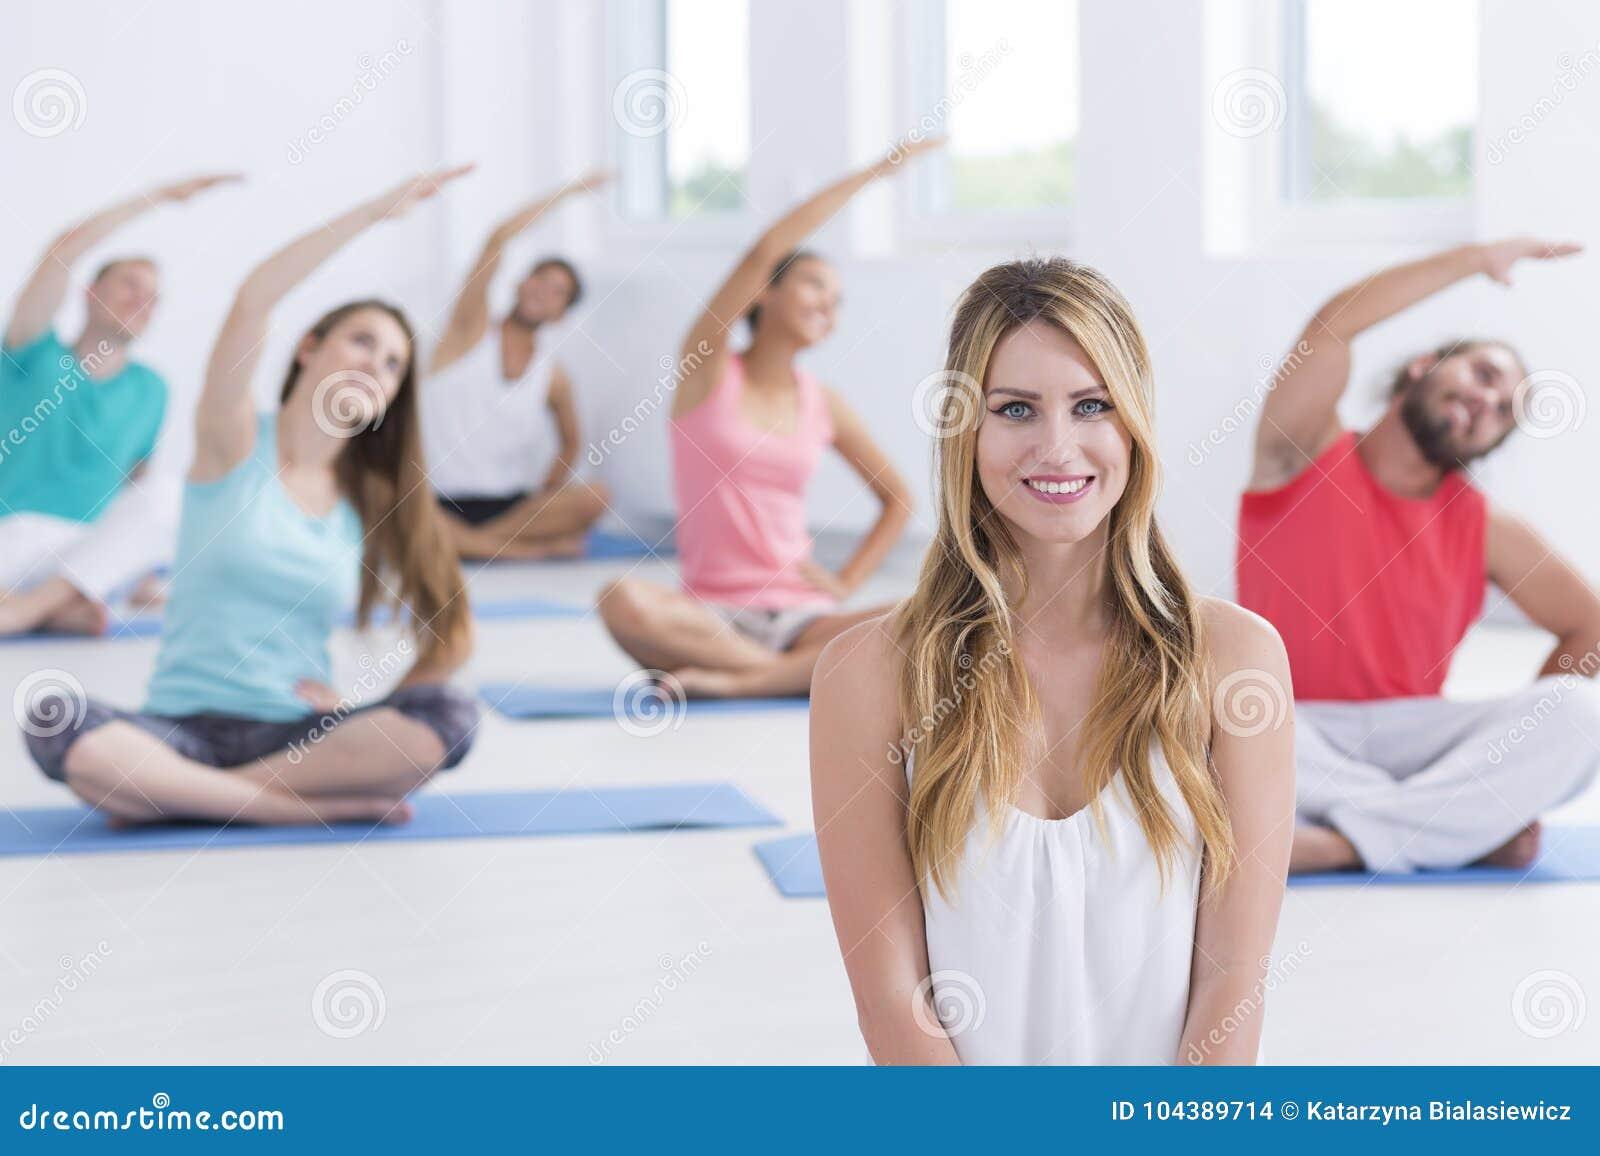 坐在前面的瑜伽辅导员